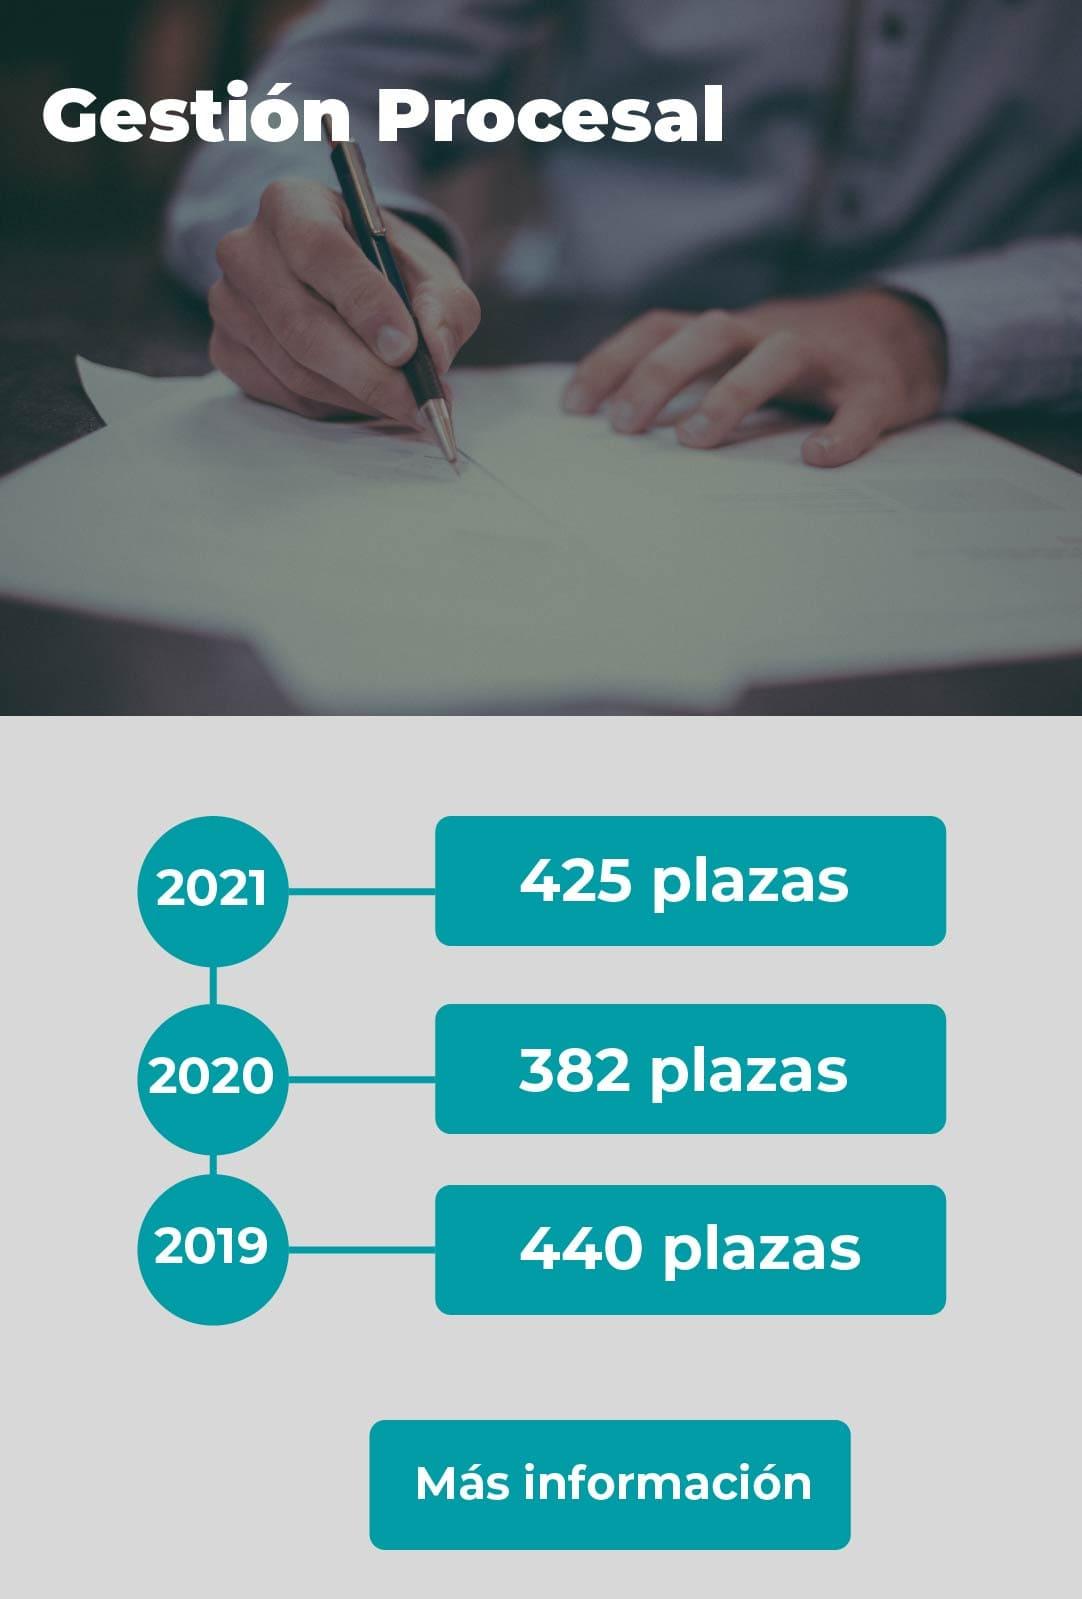 plazas-gestion-procesal-practic-oposiciones